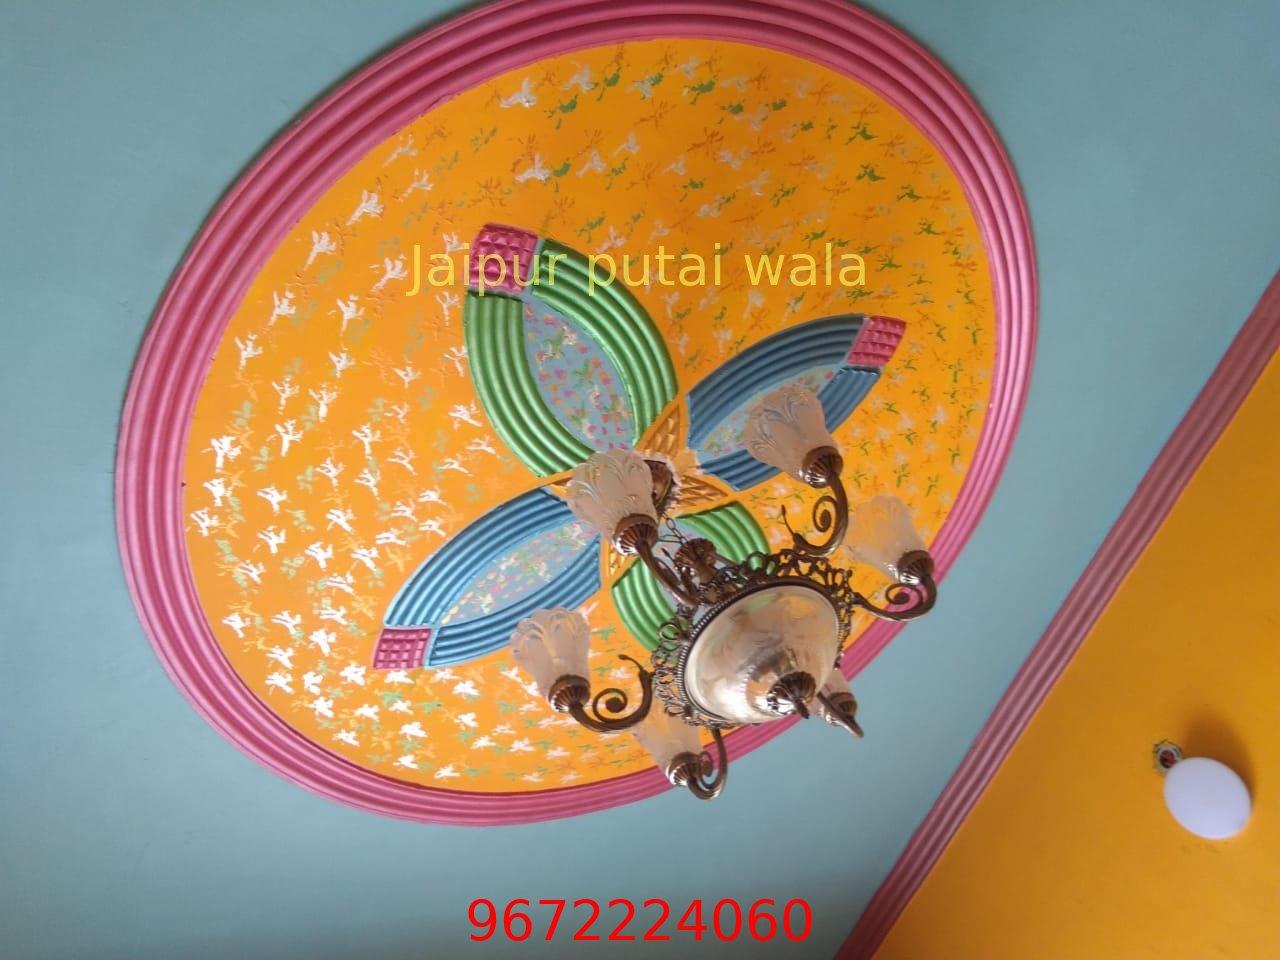 designer-false-ceiling-jaipur-07.jpg